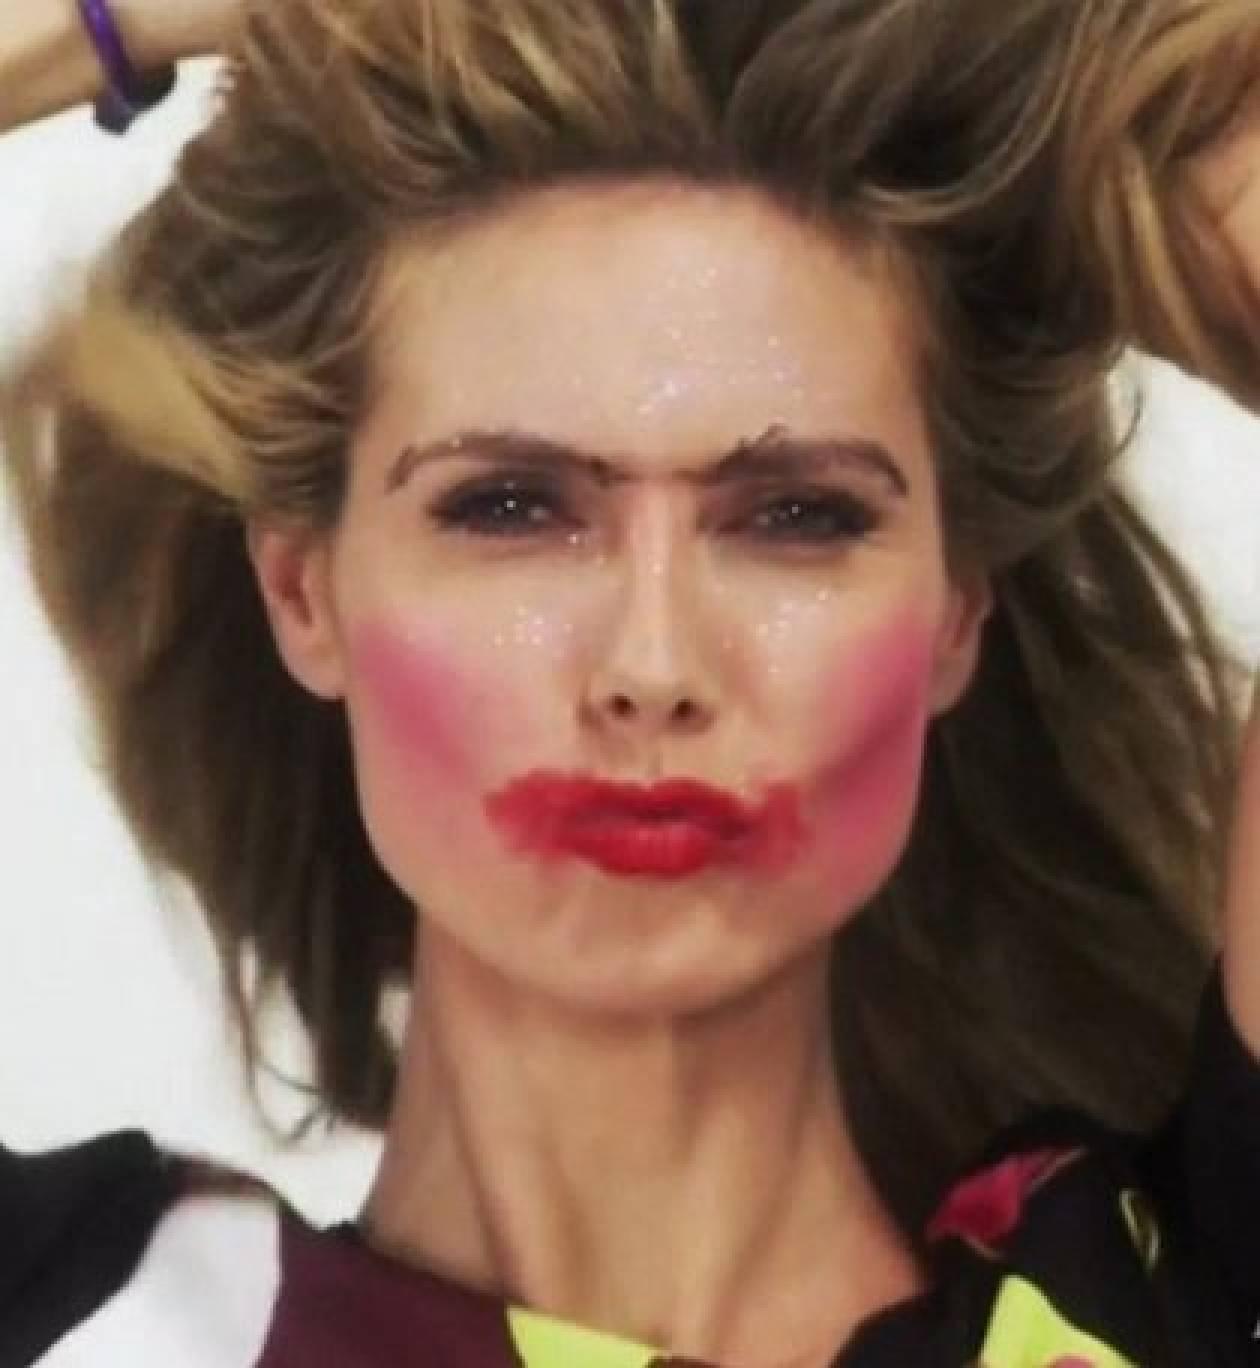 Υπάρχει ένα look της Heidi Klum που μπορείτε να πετύχετε απόλυτα